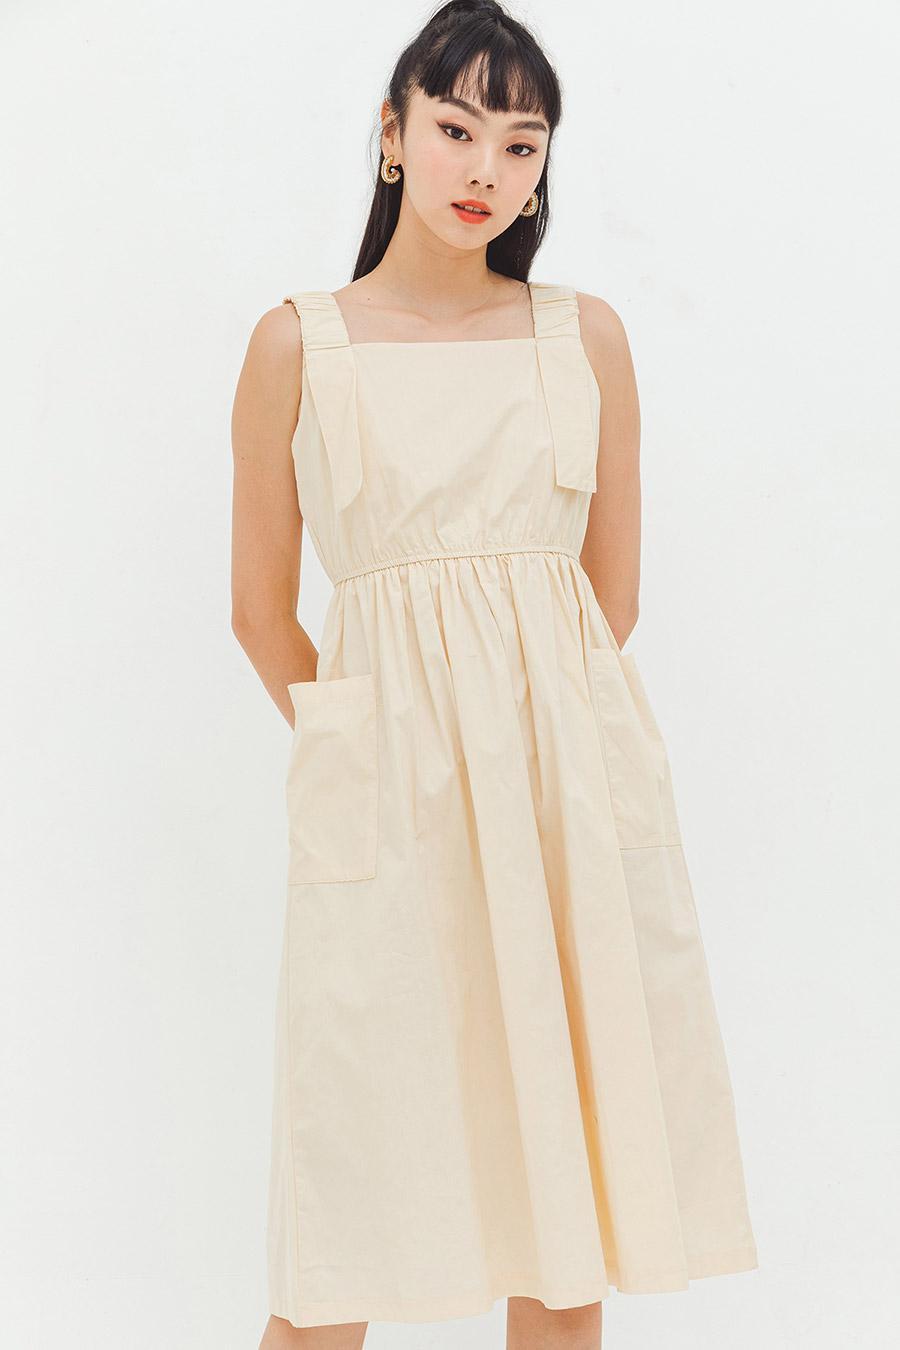 HEFINA DRESS - SAND